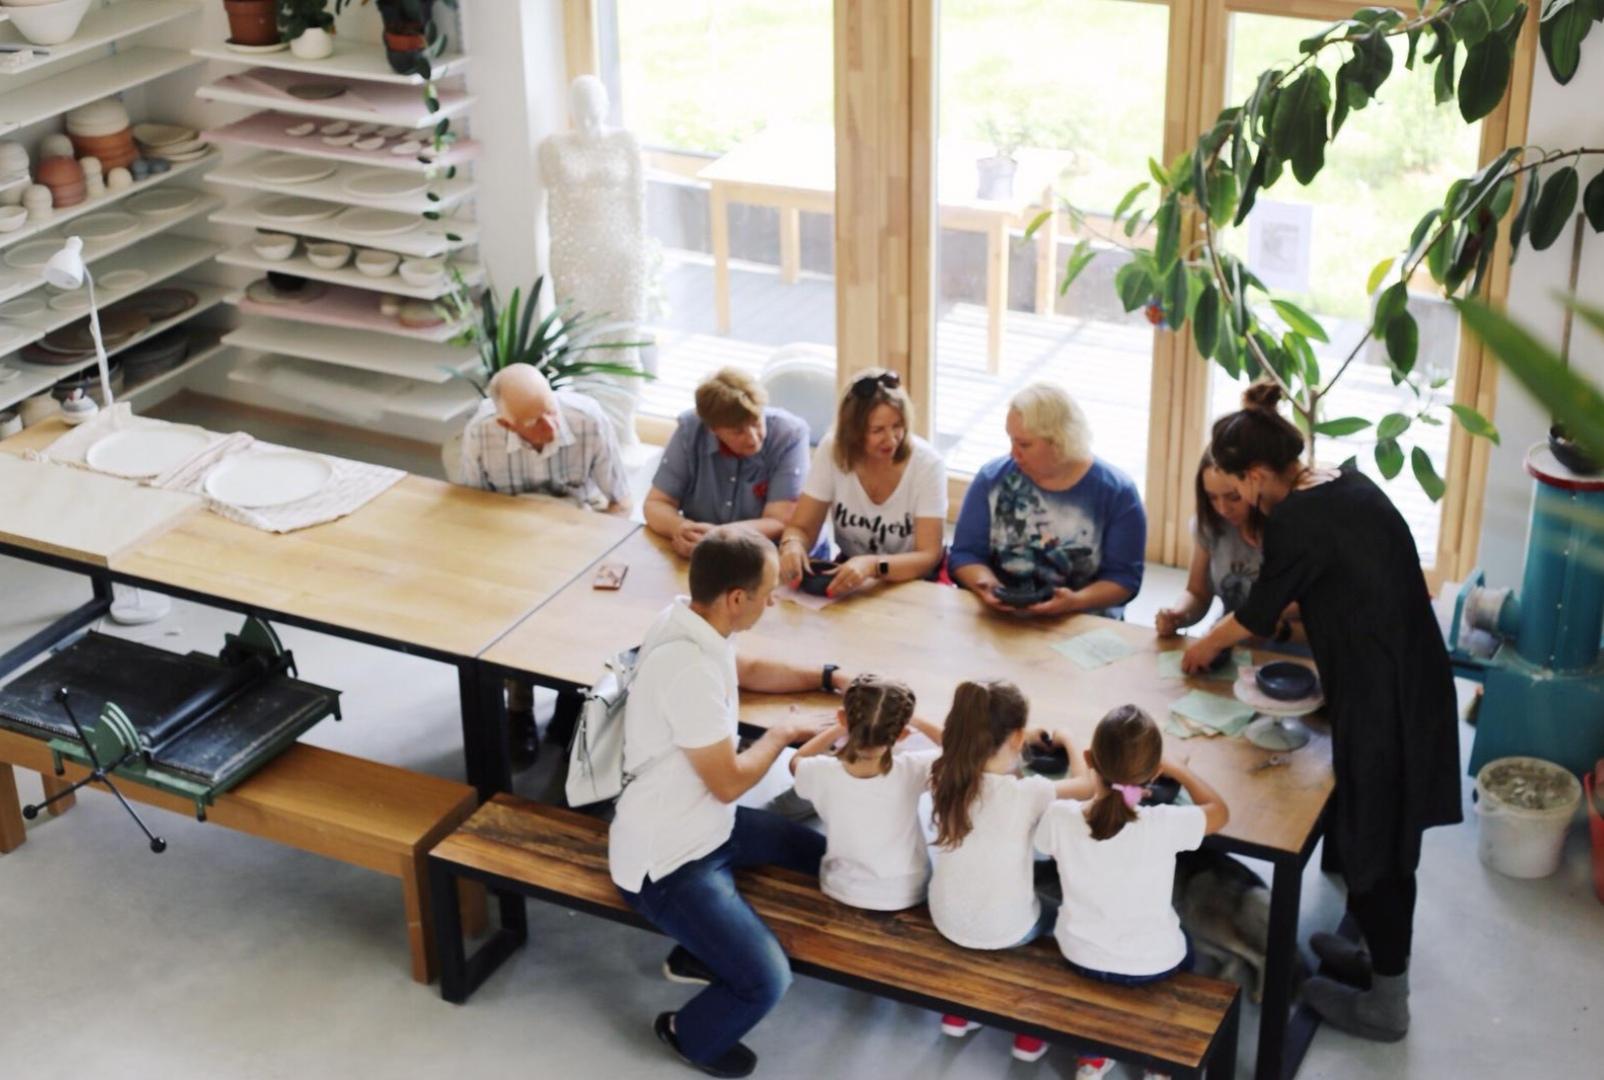 Veidošanas nodarbība - Mierīgs un meditatīvs process, kura laikā izveidojam funkcionālu vai figuratīvu darbiņu.Izcili piemērots grupām, jo varam darboties visi kopā.Pielāgosim nodarbības uzdevumu dažādām vecuma grupām un vēlmēm. Parasti nodarbības laikā uzlipinām kādu bļodiņu, sķīvīti, kuru arī dekorējam ar saviem rakstiem vai maniem koka zīmogiem (ar Latviešu simboliem vai Indijas zīmogiem). Darbs paliek darbnīcā 1 mēnesi, kamēr tas tiek noglazēts un apdzedzināts.1-20 cilvēki grupāLaiks: 30min-1stunda (atkarīgs no cilvēku pašu darbošanās ritma)Cena: 10 eur (ja nevēlas darbu paturēt un attiecīgi tālāk apdedzināt, tad cena 8eur)Nodarbību lūdzam pieteikt iepriekš caur FACEBOOK BOOK NOW OPCIJU.